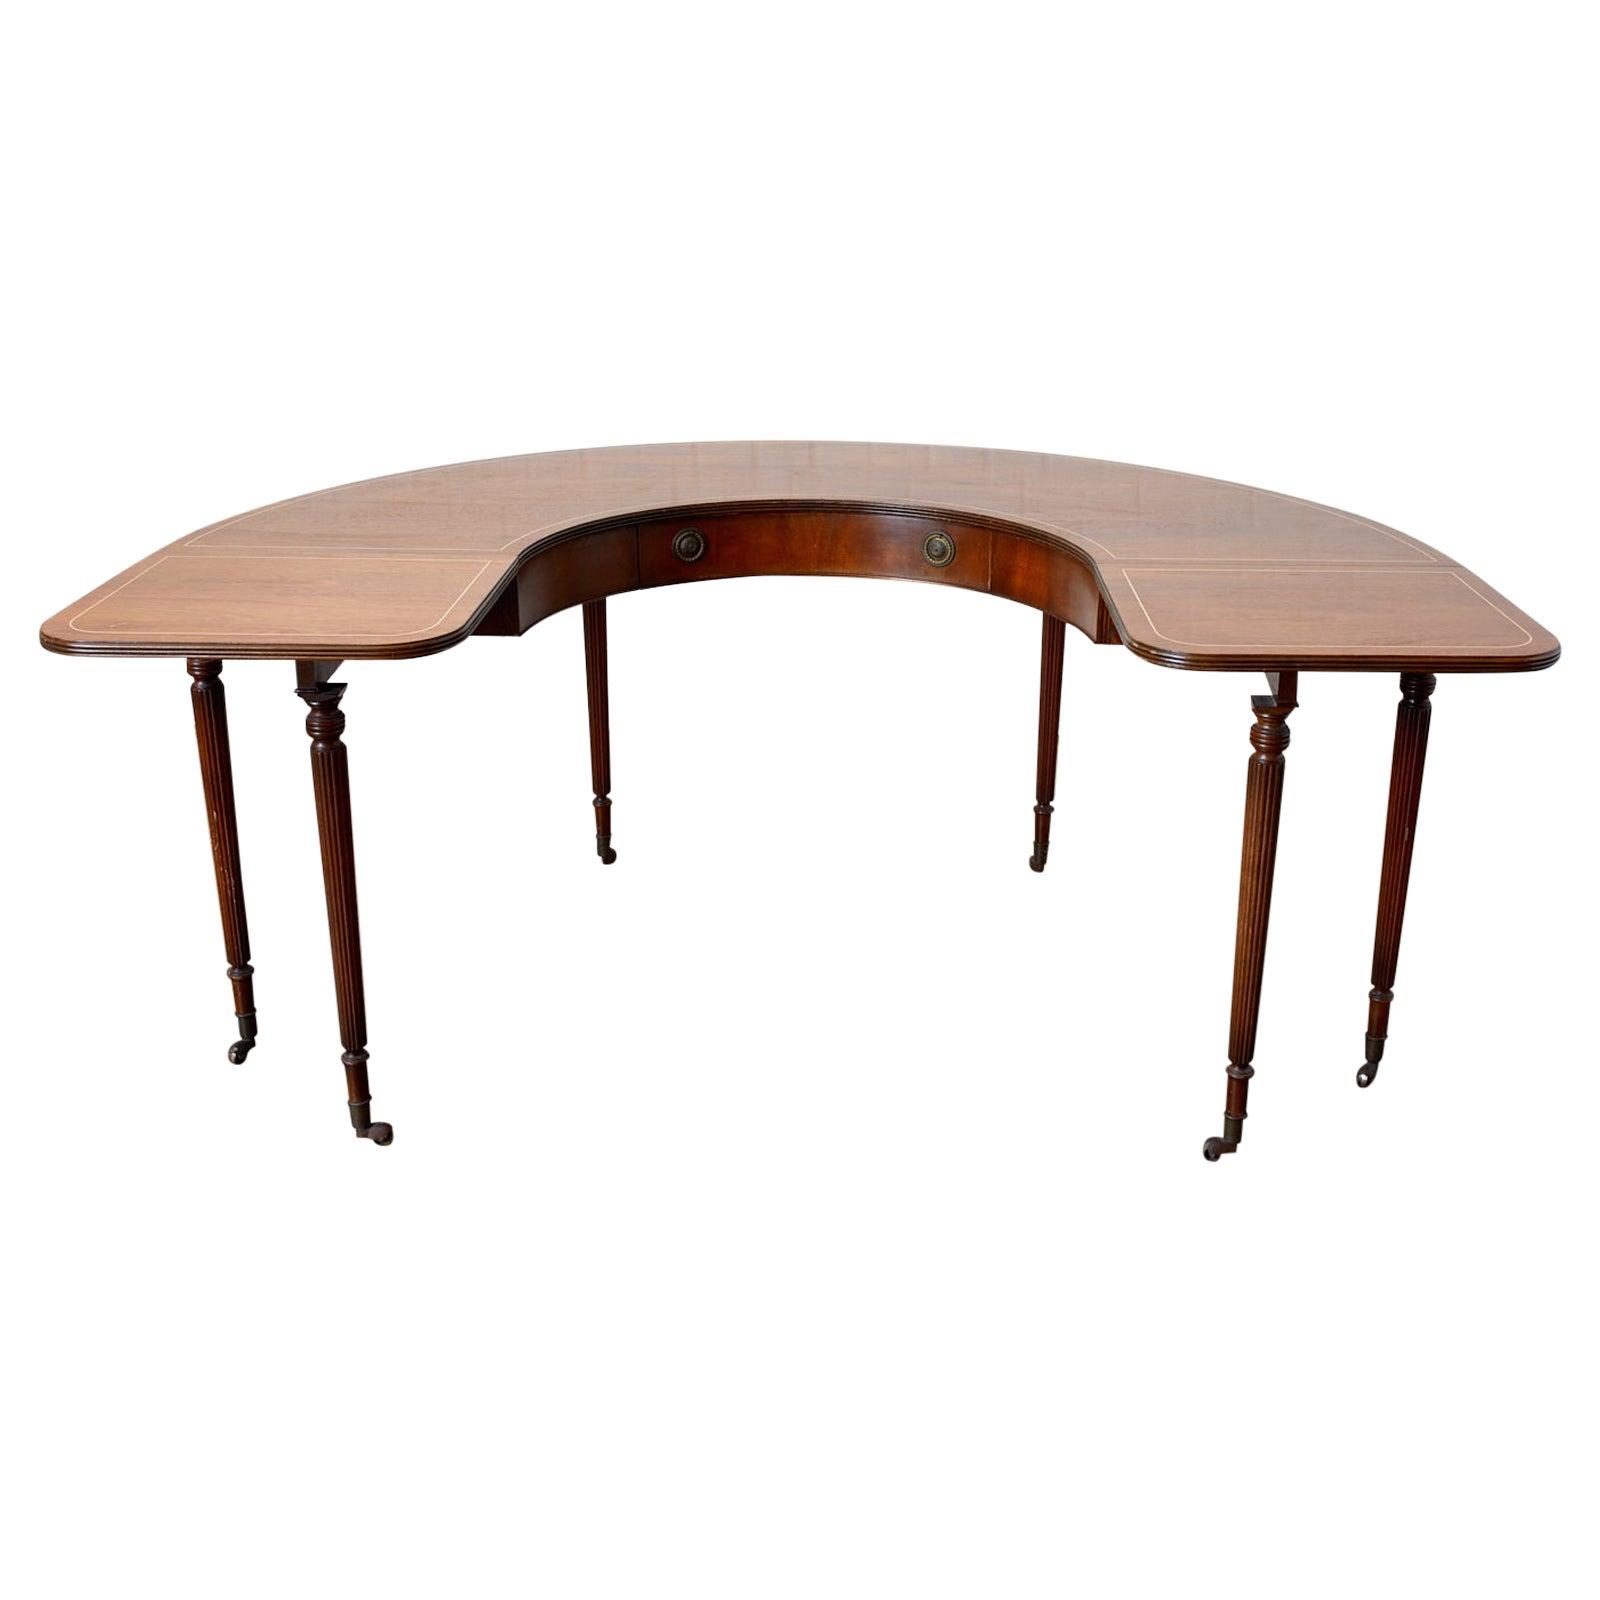 English Regency Style Drop-Leaf Hunt Table or Desk